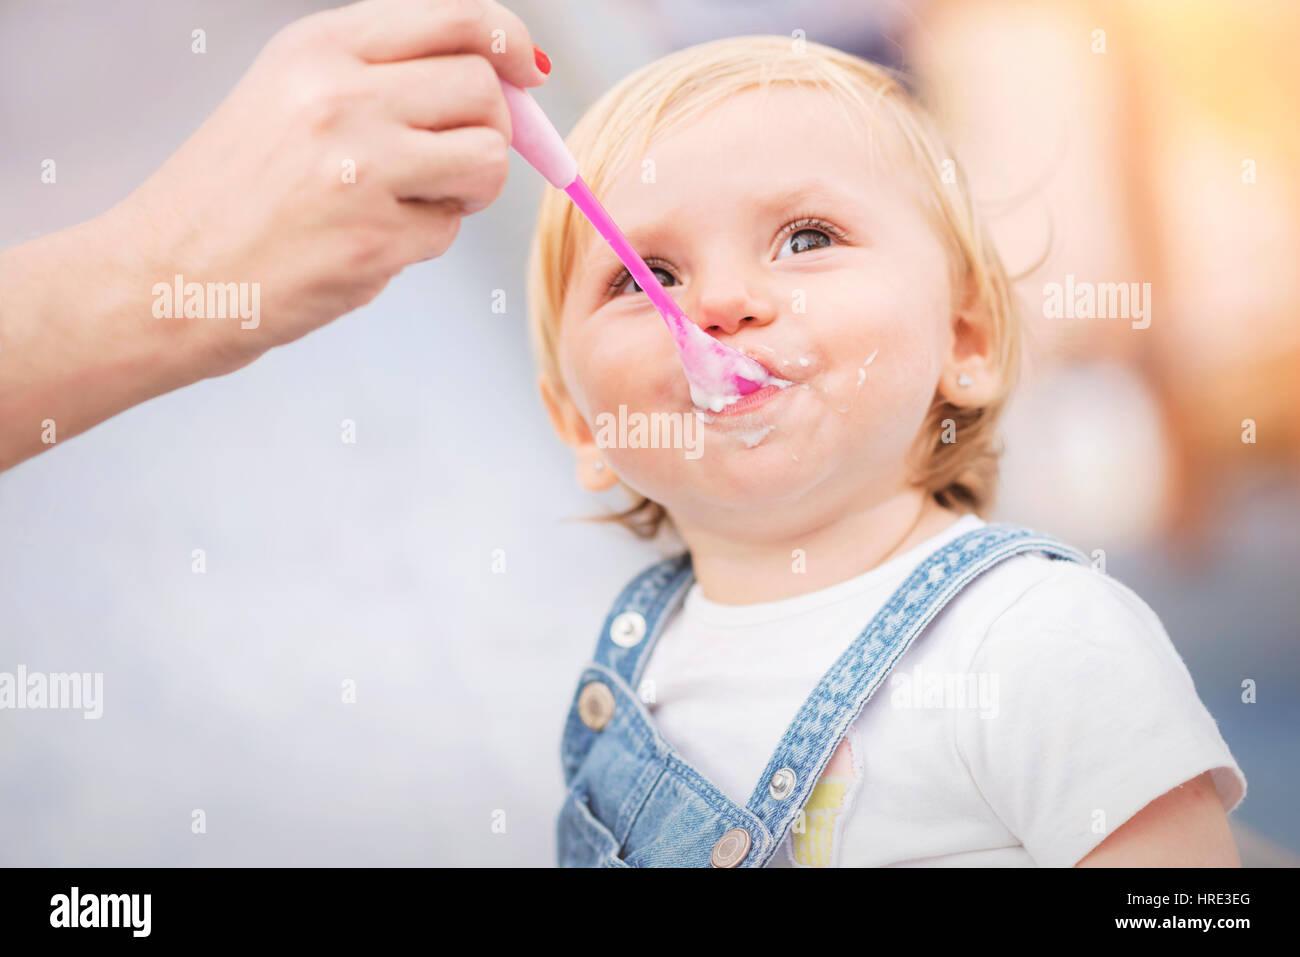 Baby mangiare, mamma baby di alimentazione Immagini Stock